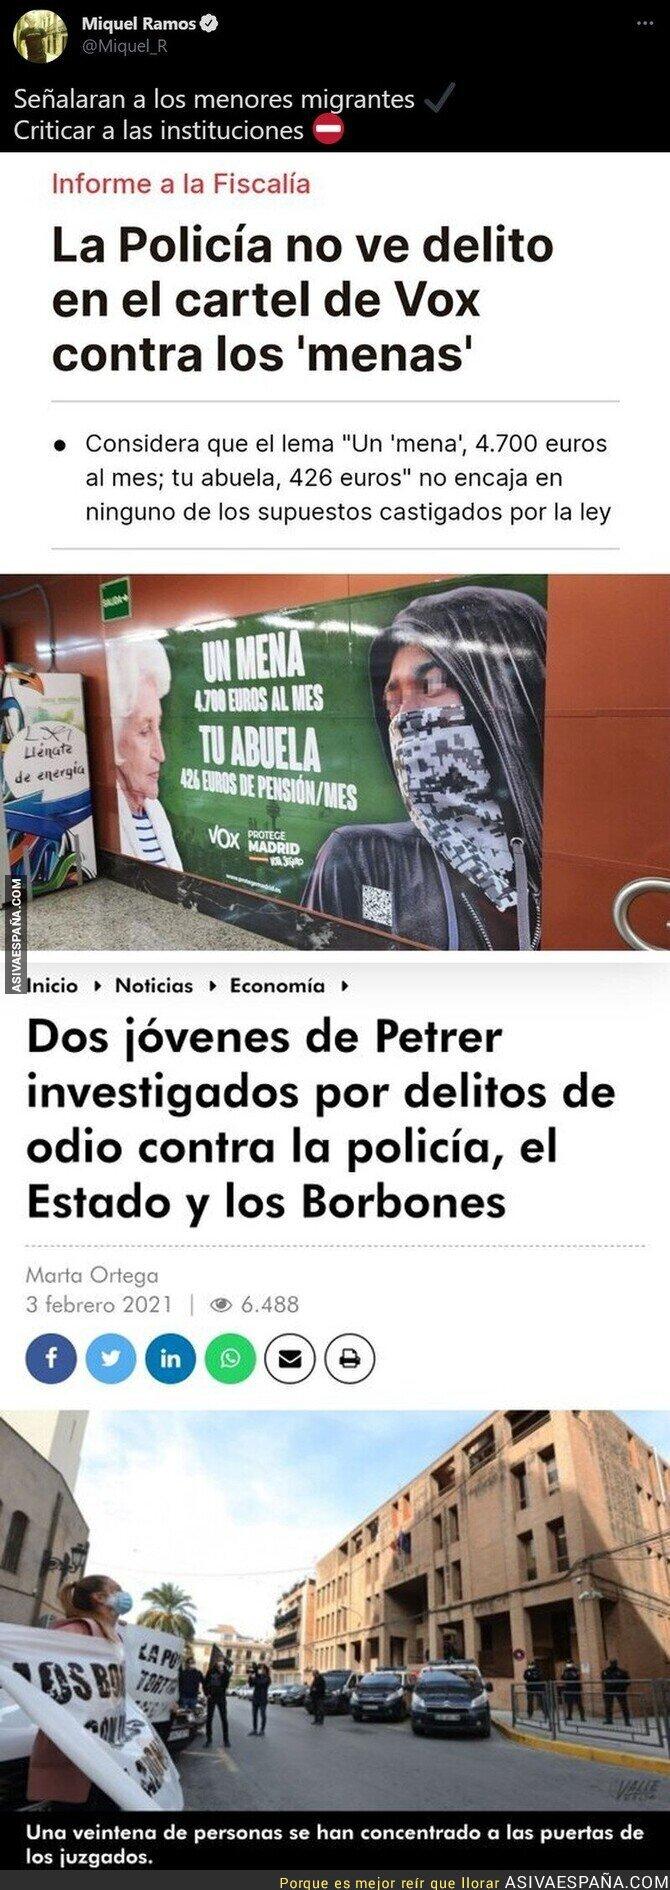 729474 - La justicia en España en dos noticias